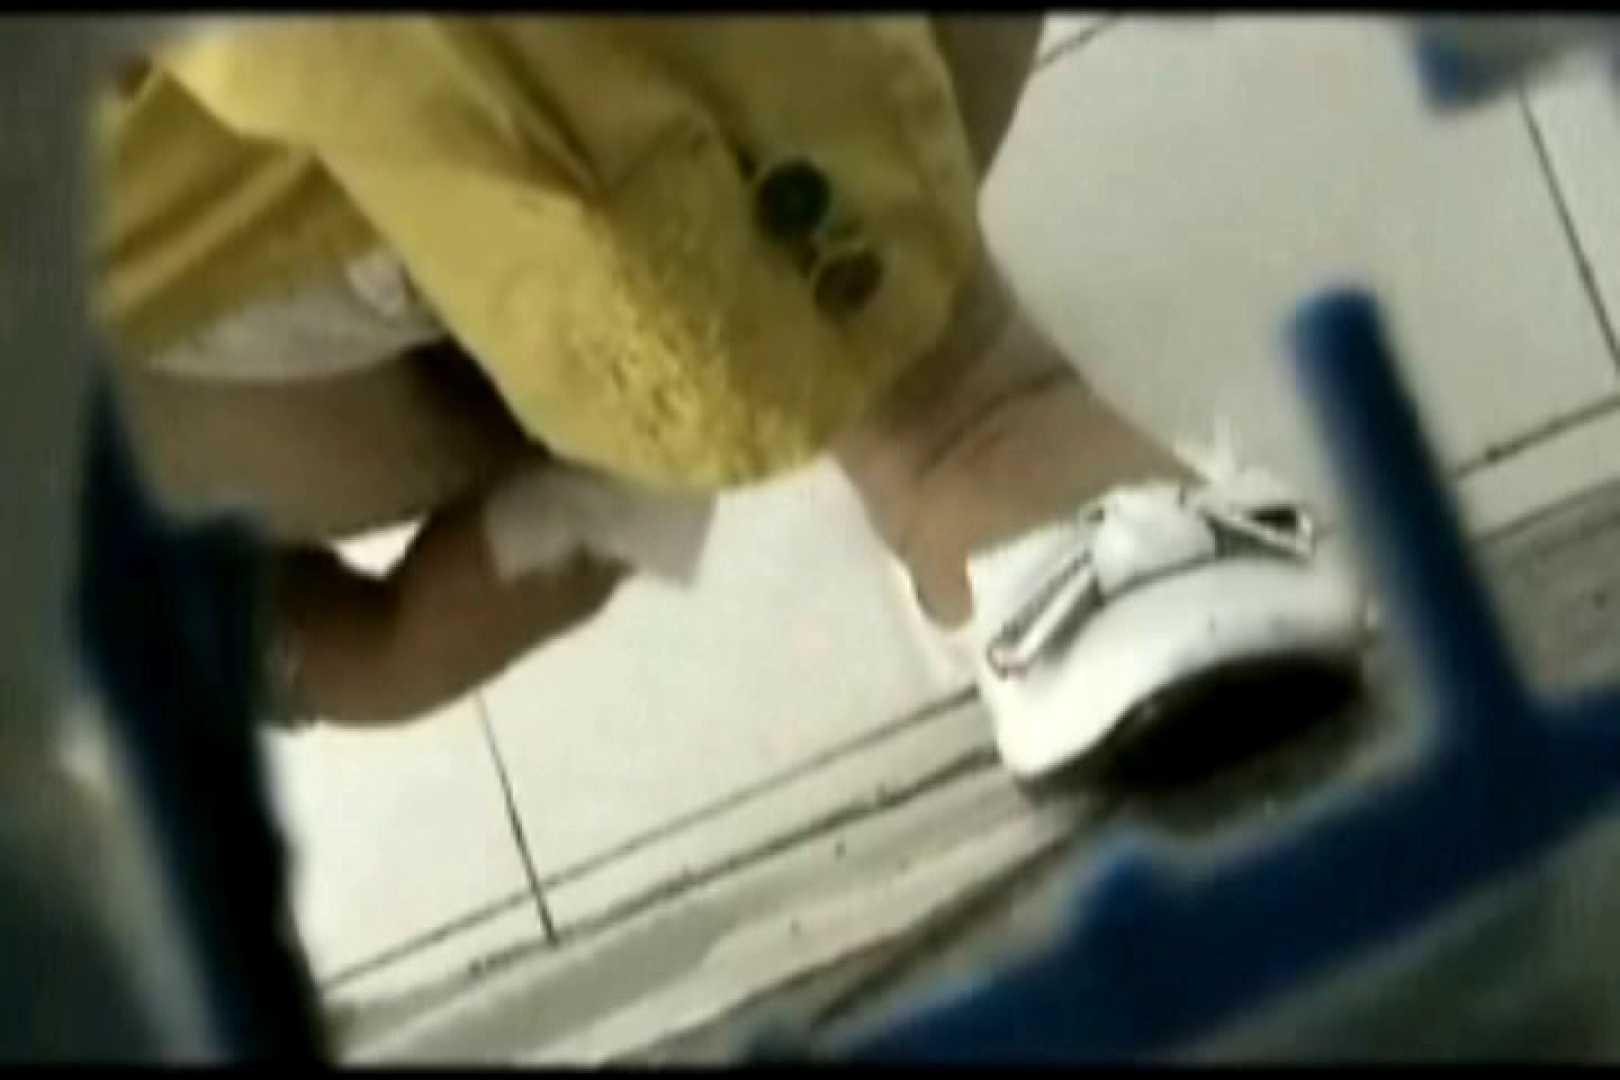 ぼっとん洗面所スペシャルVol.8 洗面所 | 独身エッチOL  54pic 48